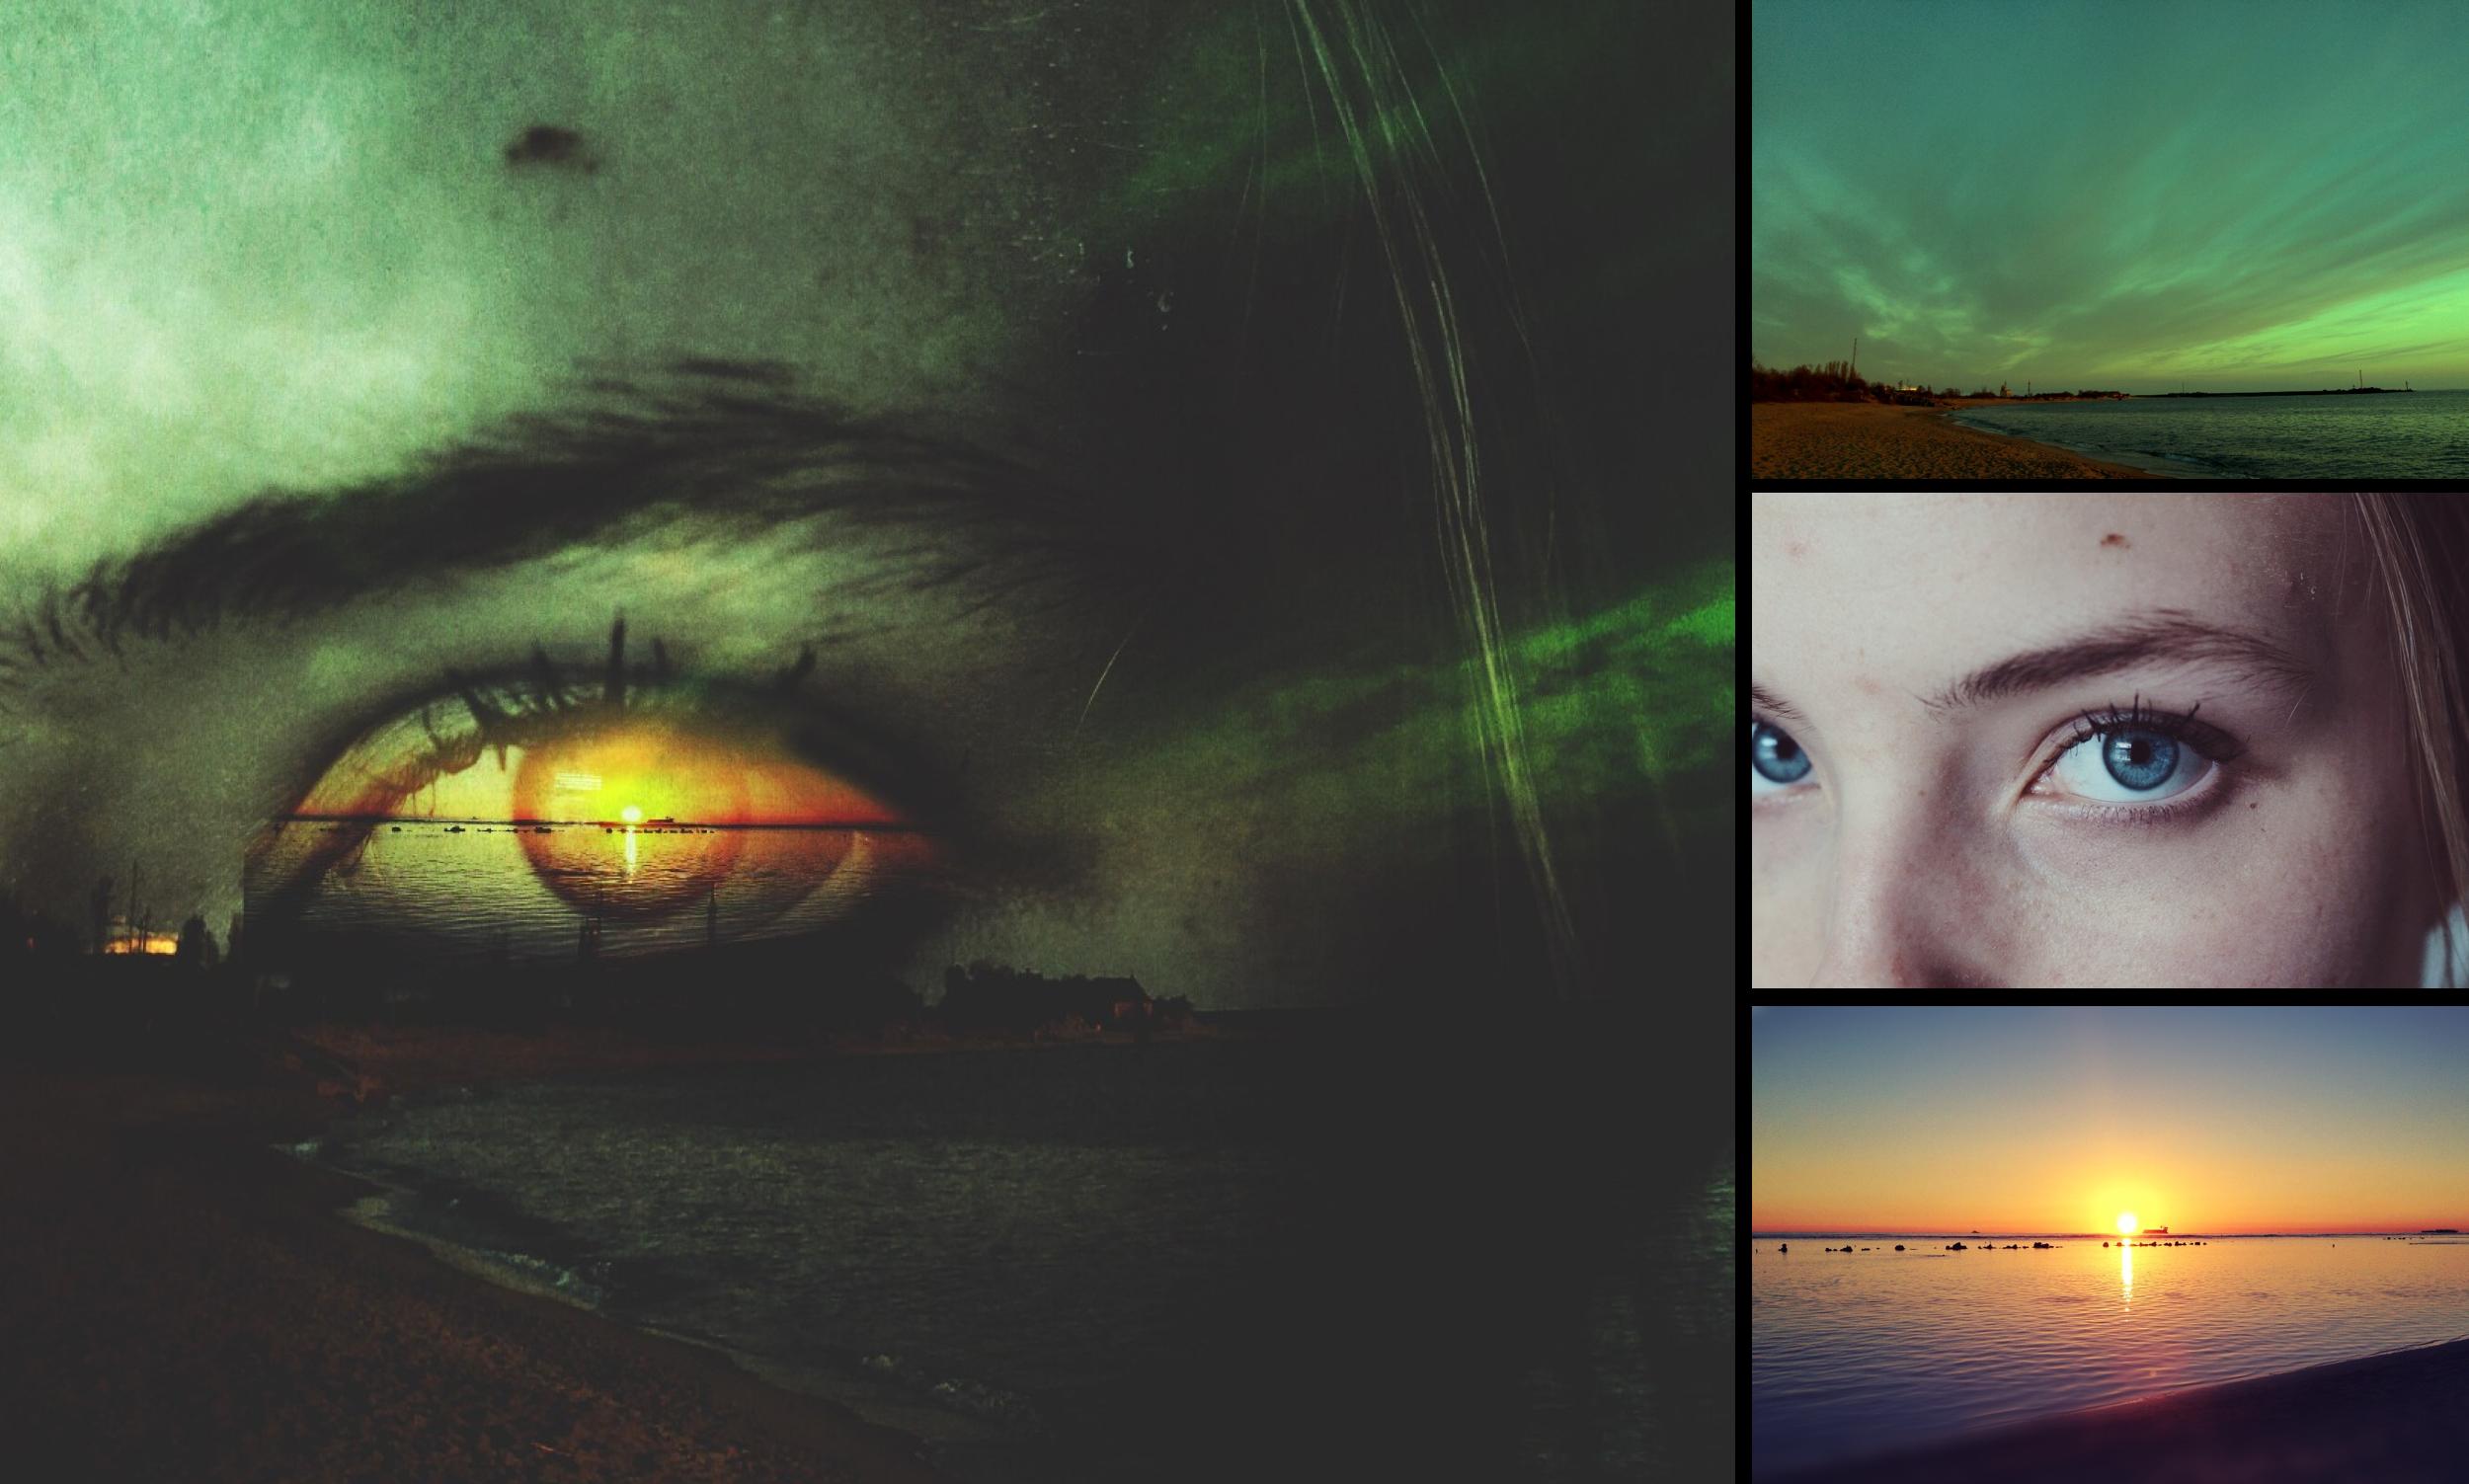 Green Eye Remixes - Left by @aracelifloresremuto; Right from top to bottom by @andriusorlovskij, @yoyoitsjess, @noelleka